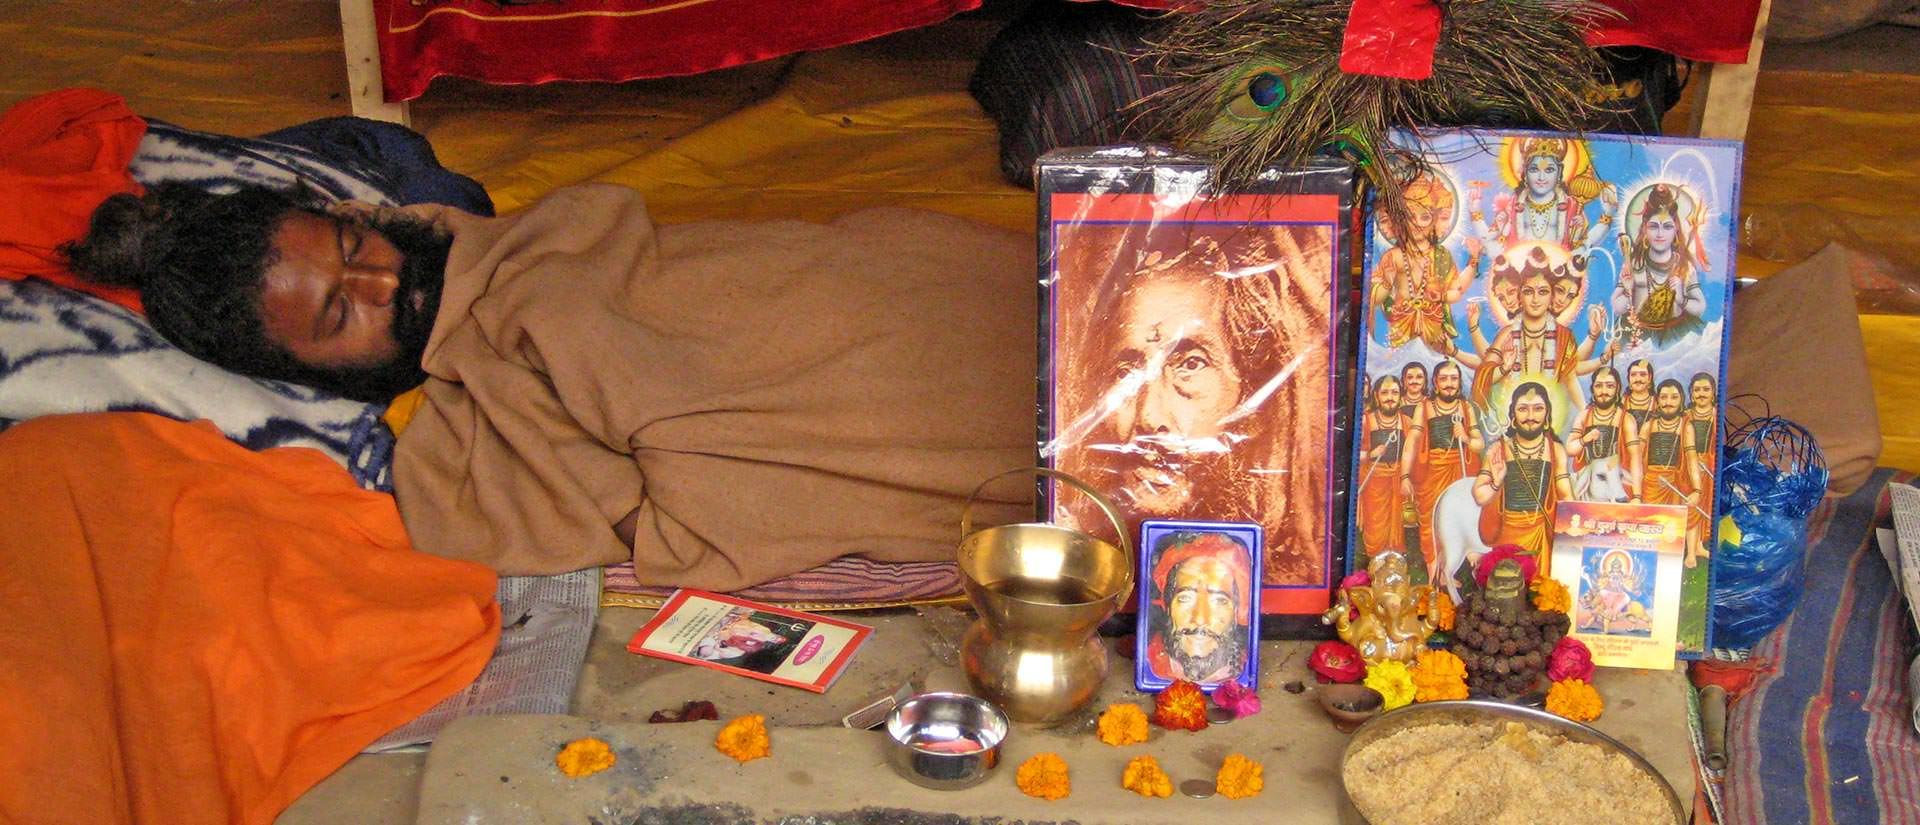 רגע של מנוחה בפסטיבל הקומבה מלה, הודו